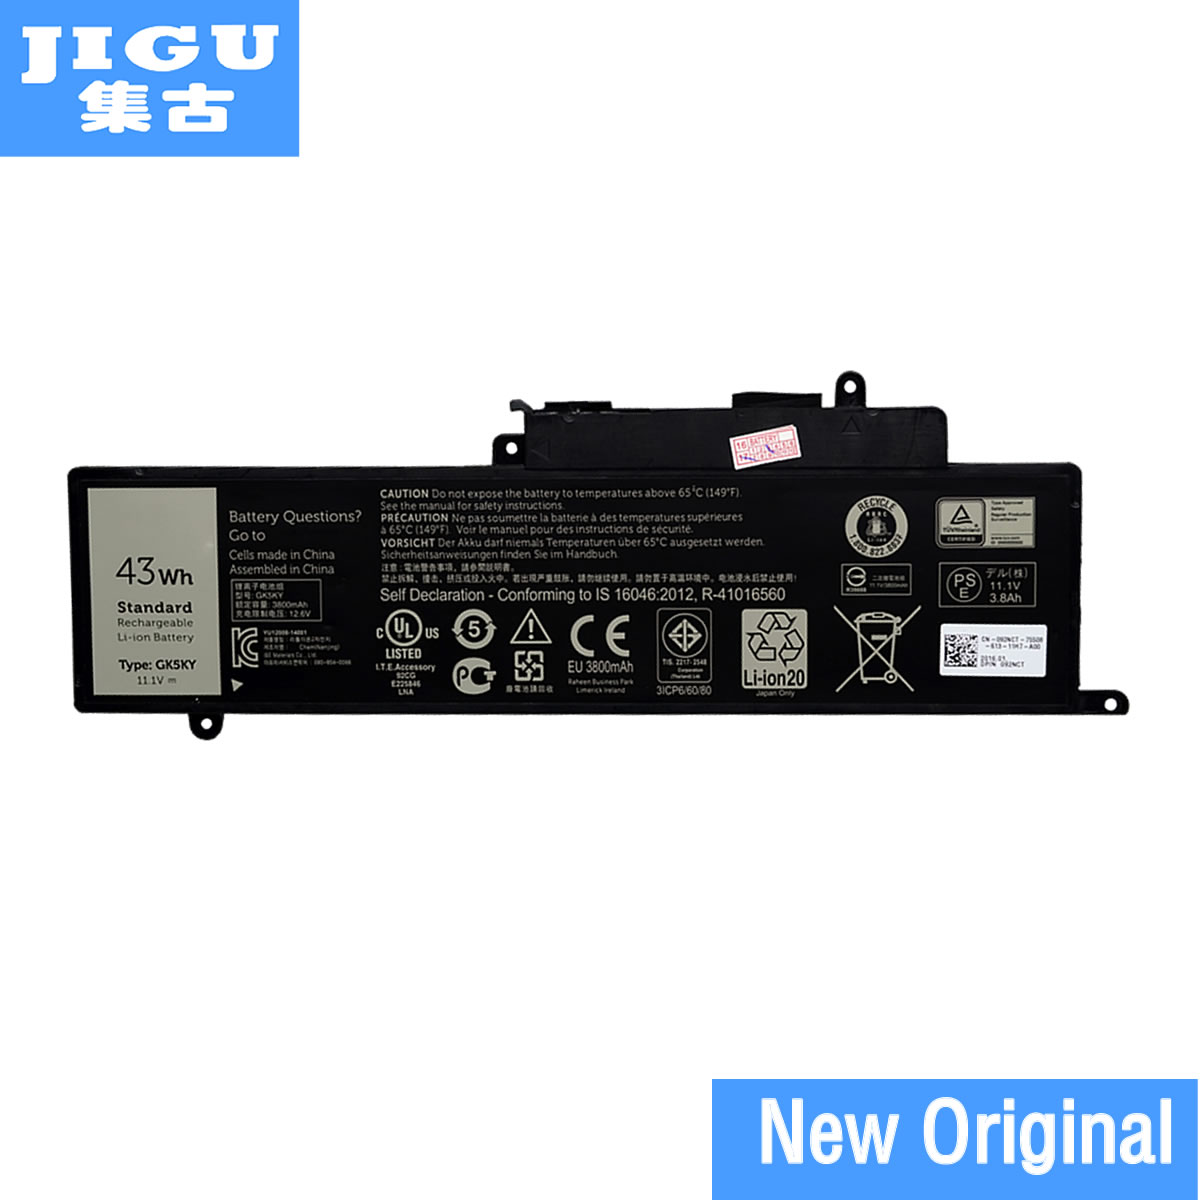 JIGU 100% New Genuine Original GK5KY Laptop Battery For DELL For Inspiron 13 7347 11 3147 04K8YH 31NP6/60/80 11.1V 43WH цена